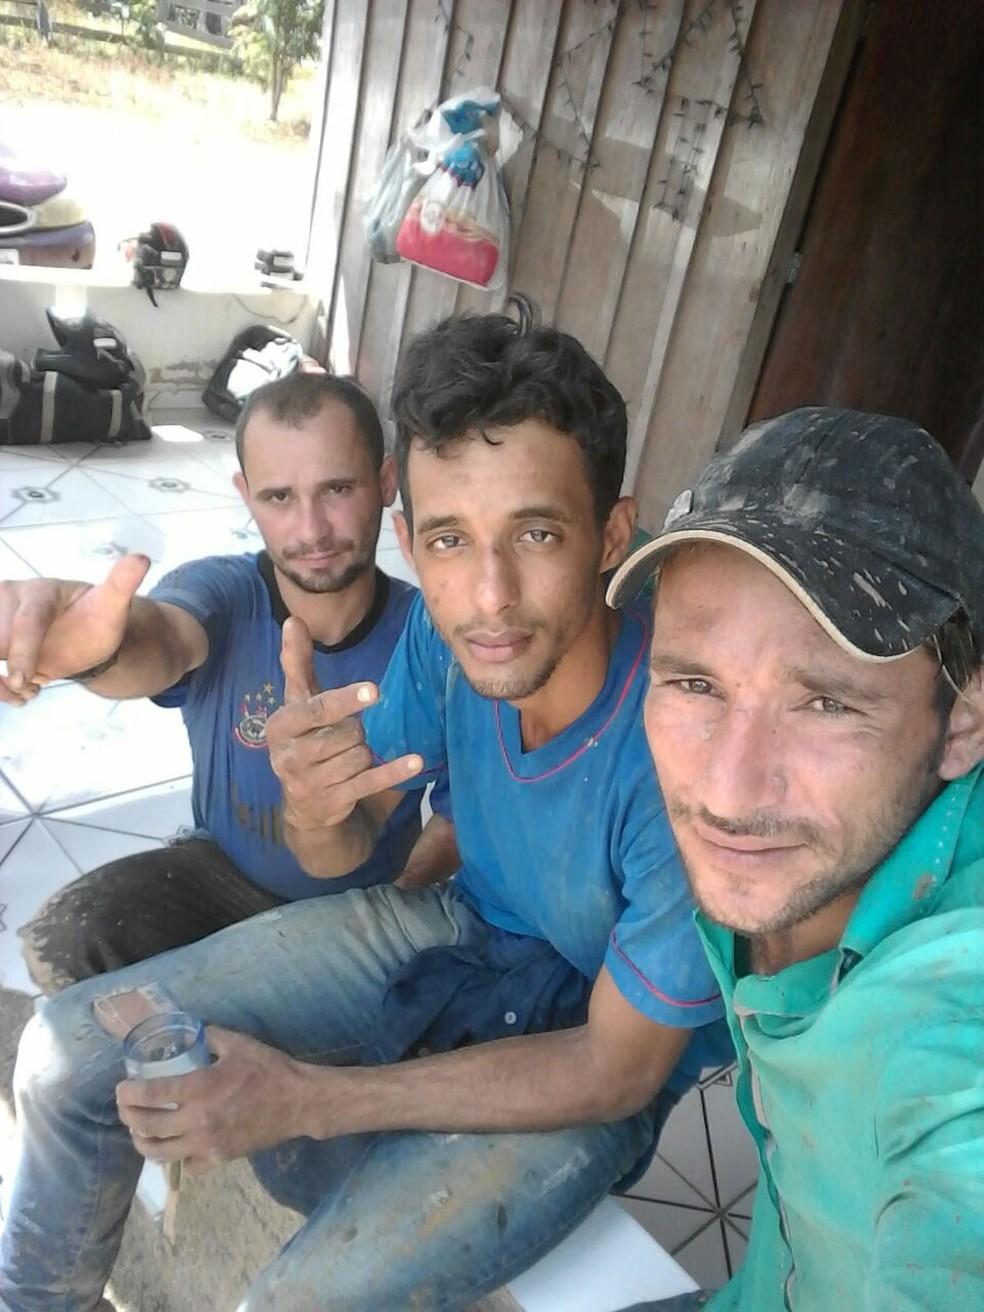 Jovem faz foto ao lado de amigos após ser resgatado da mata (Foto: WhatsApp/Reprodução)